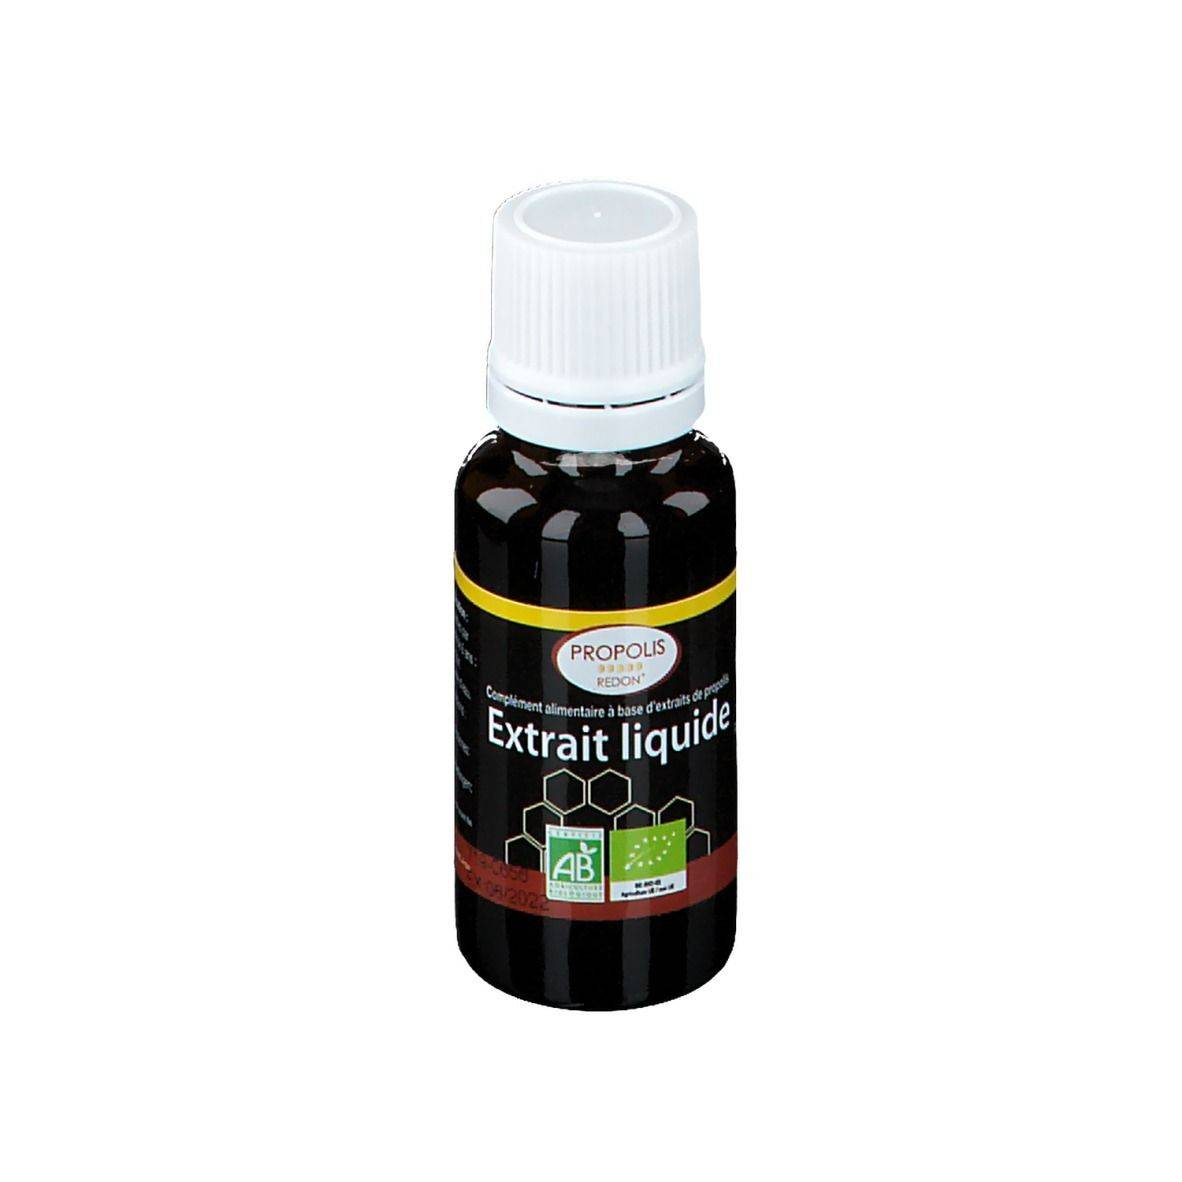 Propolis Redon® Extrait liquide ml extrait